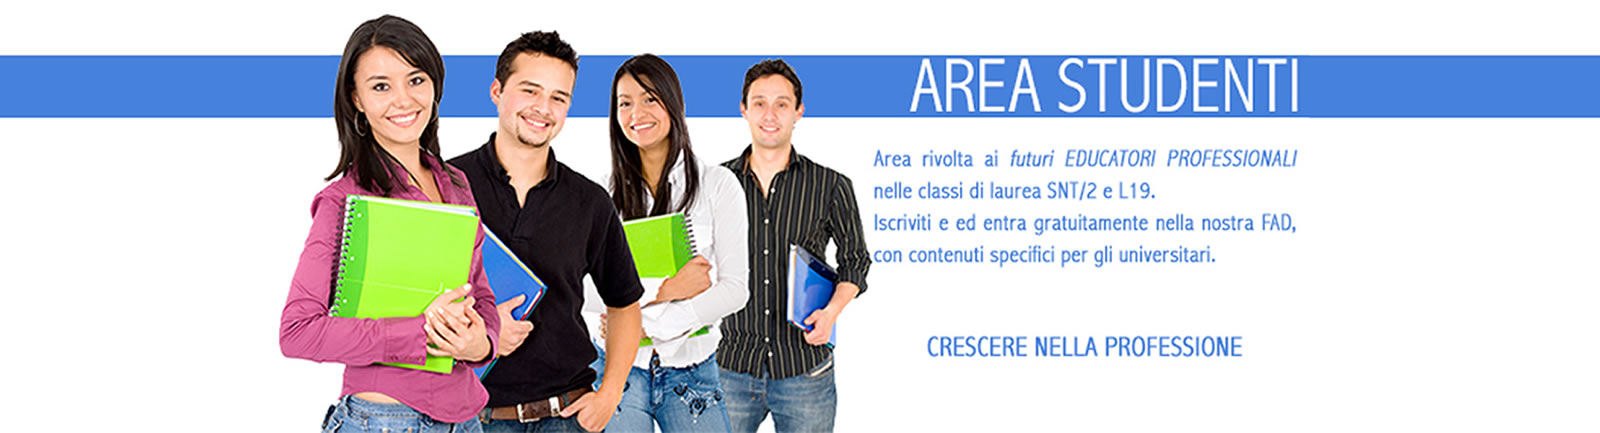 Area Studenti